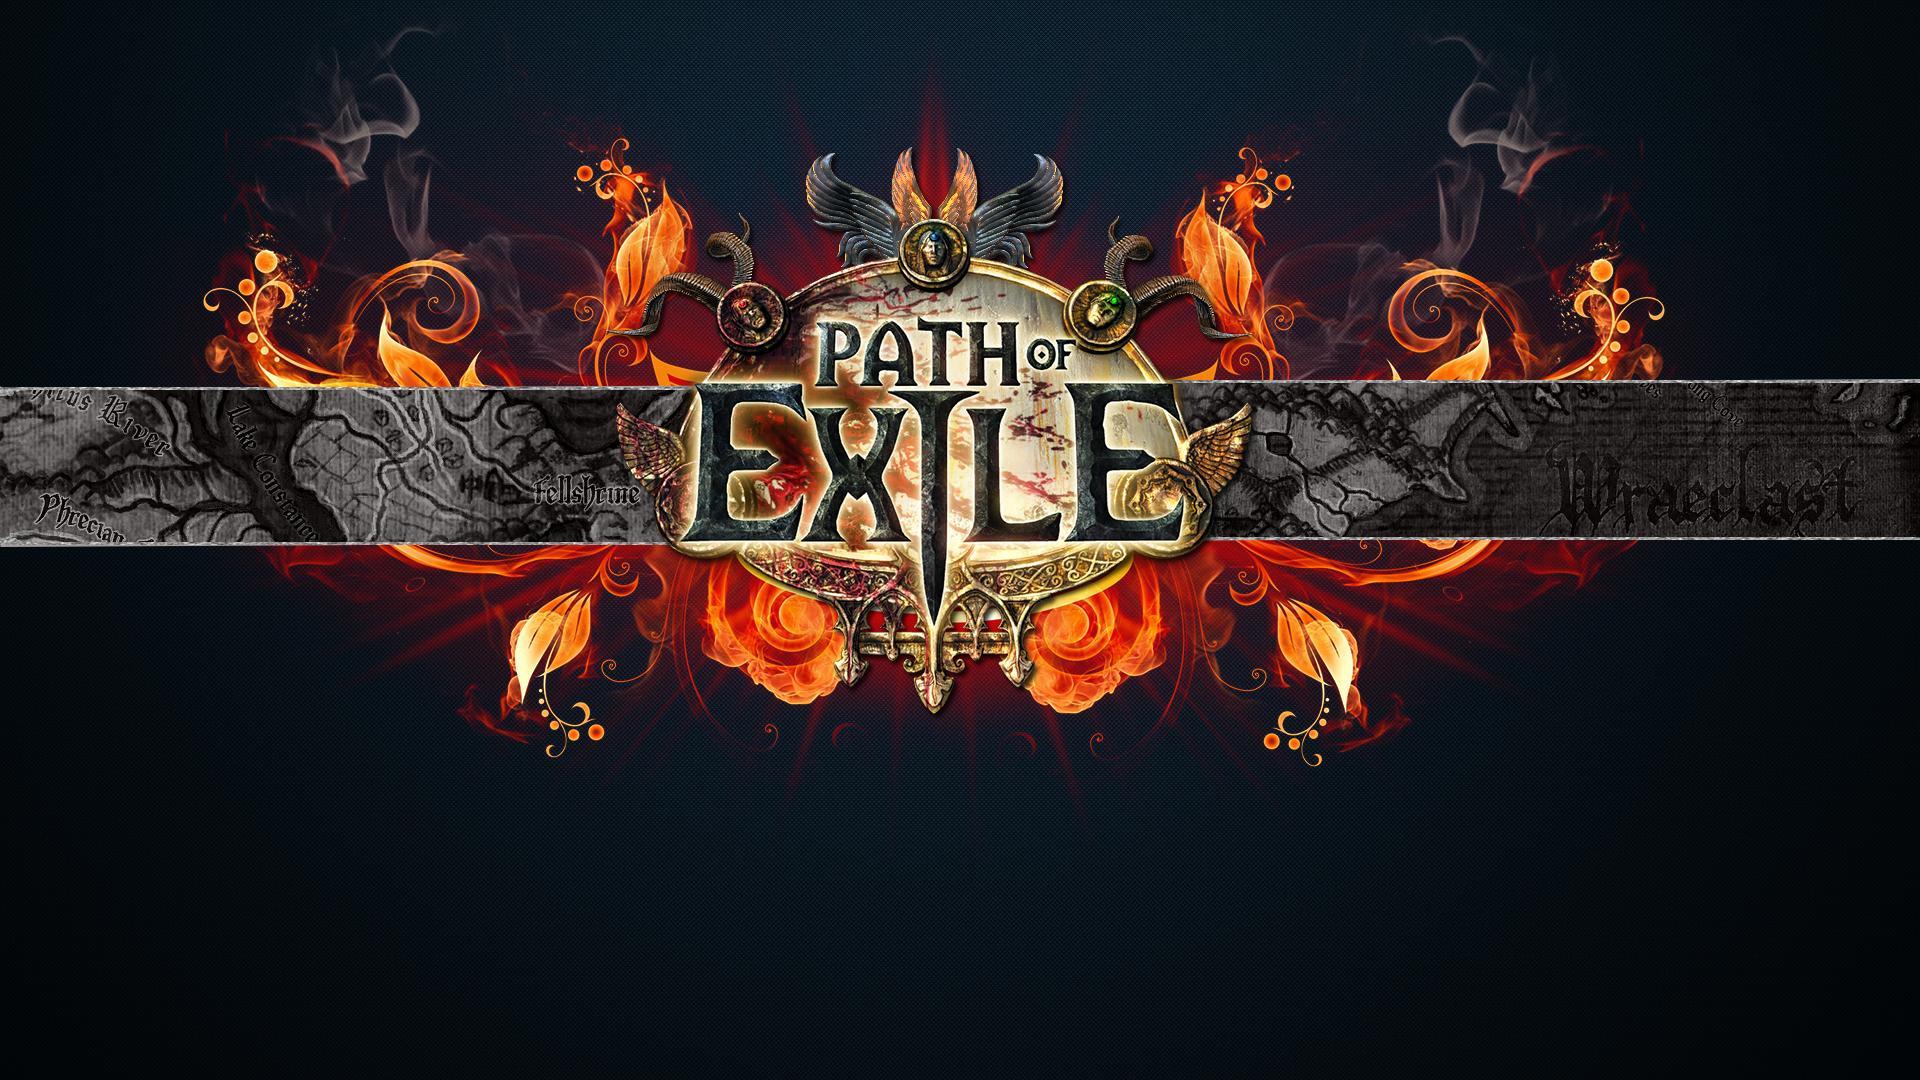 Path of Exile telecharger gratuit de PC et Torrent